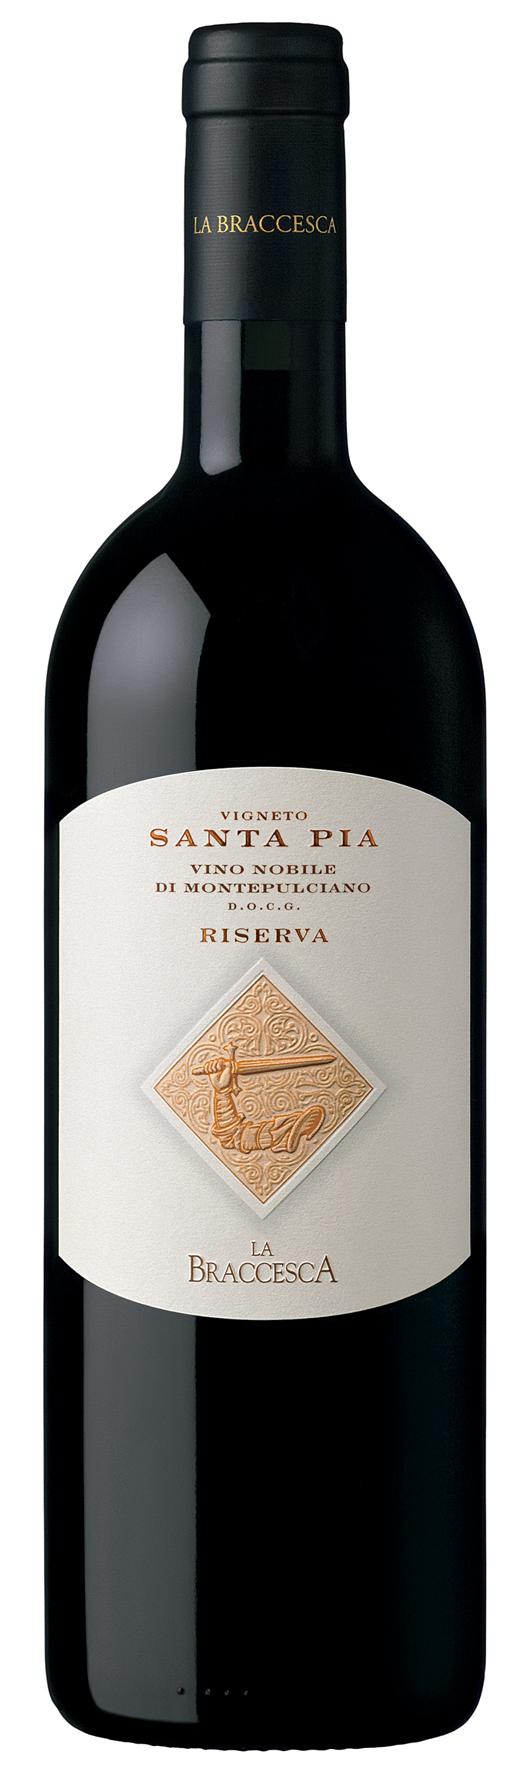 2013 Santa Pia Vino Nobile di Montepulciano DOCG Riserva Braccesca